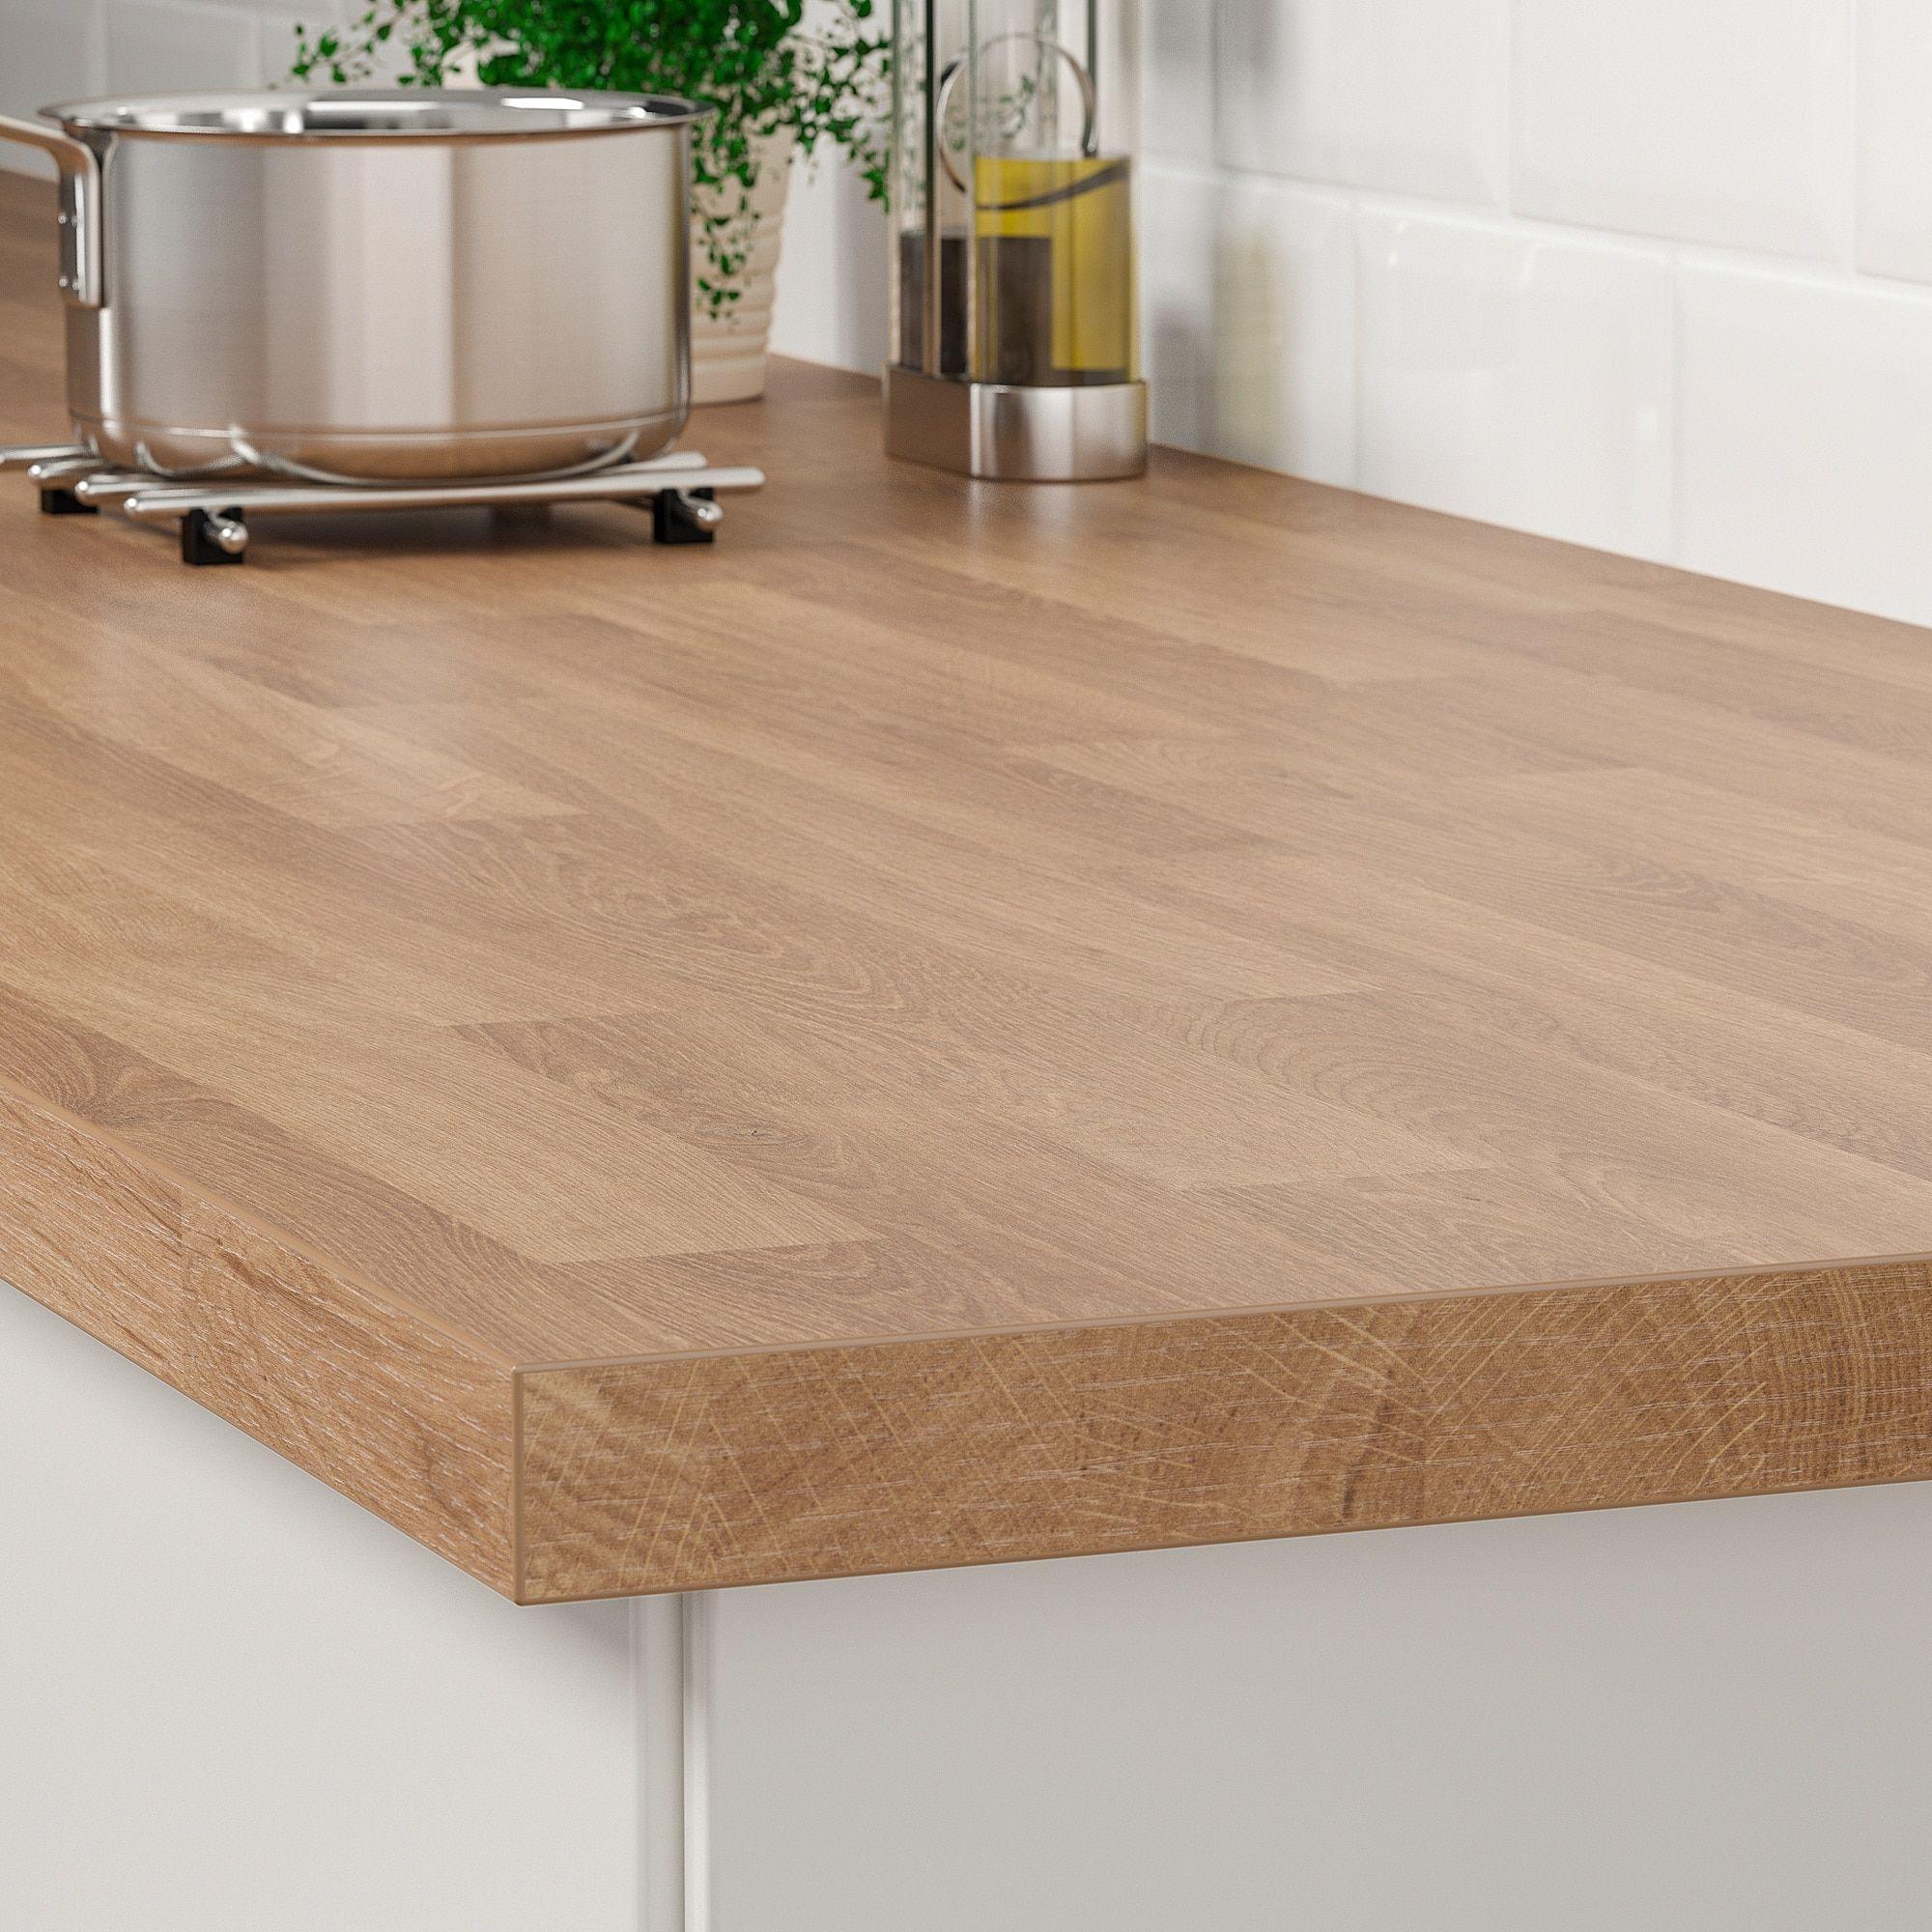 Saljan Plan De Travail Motif Chene Stratifie Ikea In 2020 Laminat Ikea Arbeitsplatte Laminieren